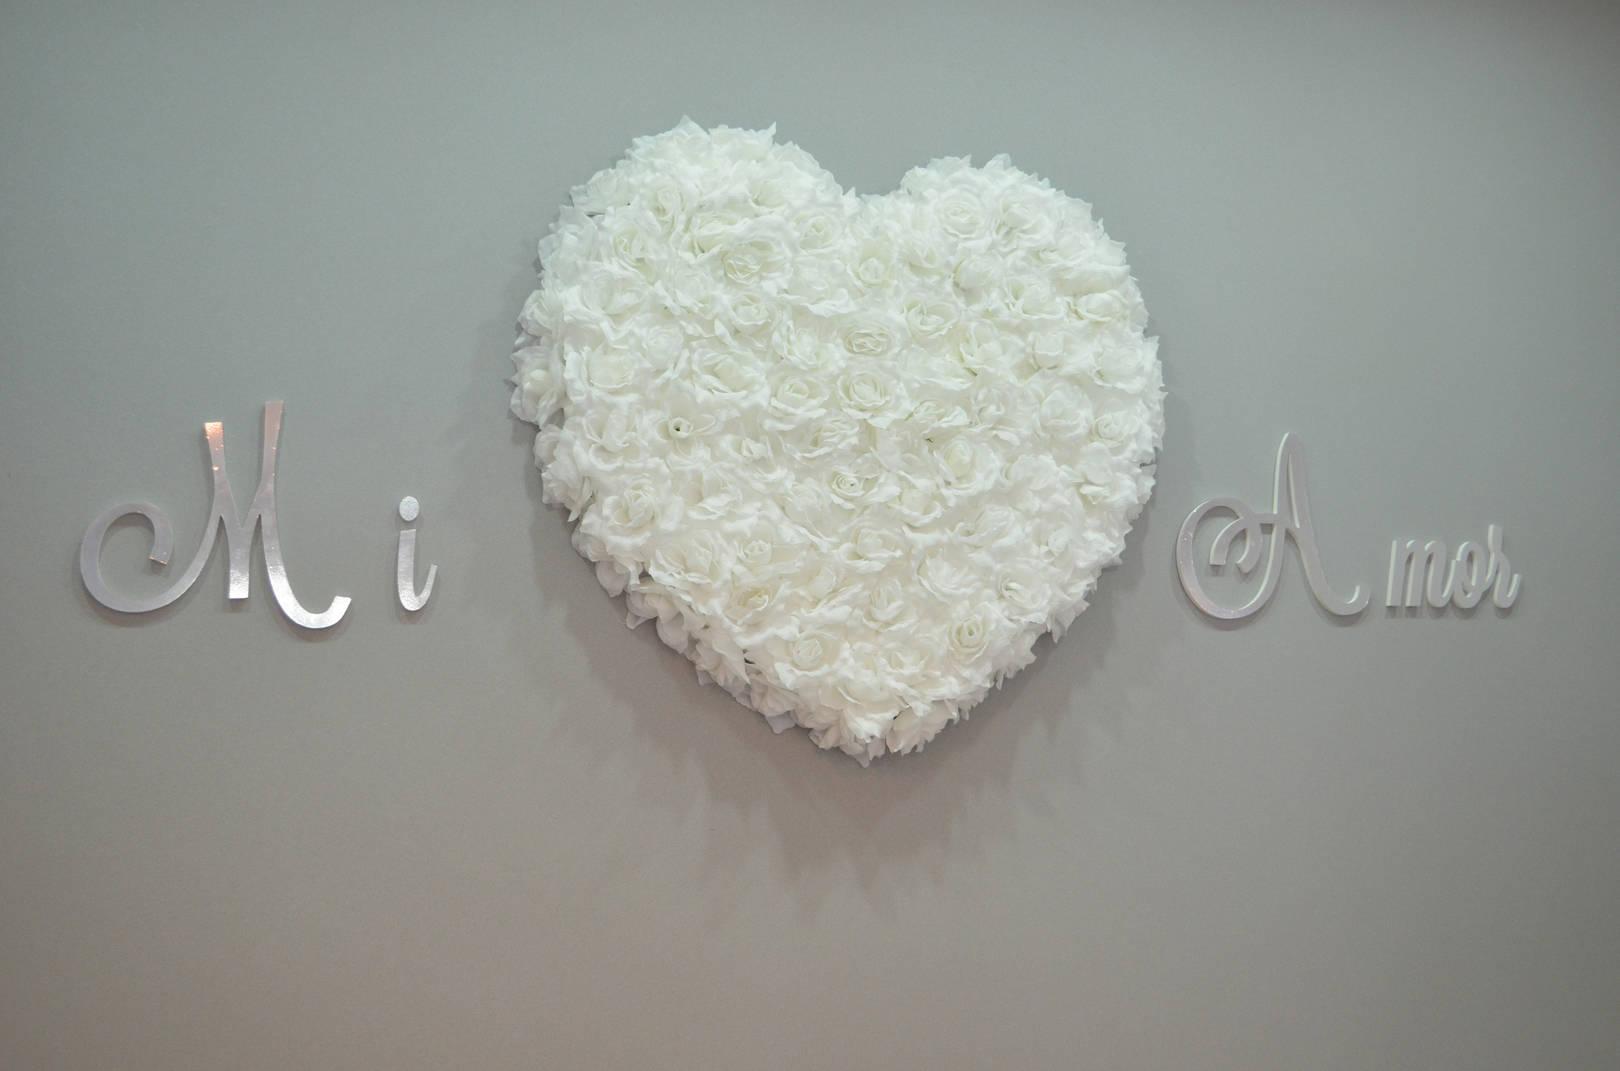 Для бутика Mi Amor мы использовали аксессуар в виде большого сердца из белых роз.